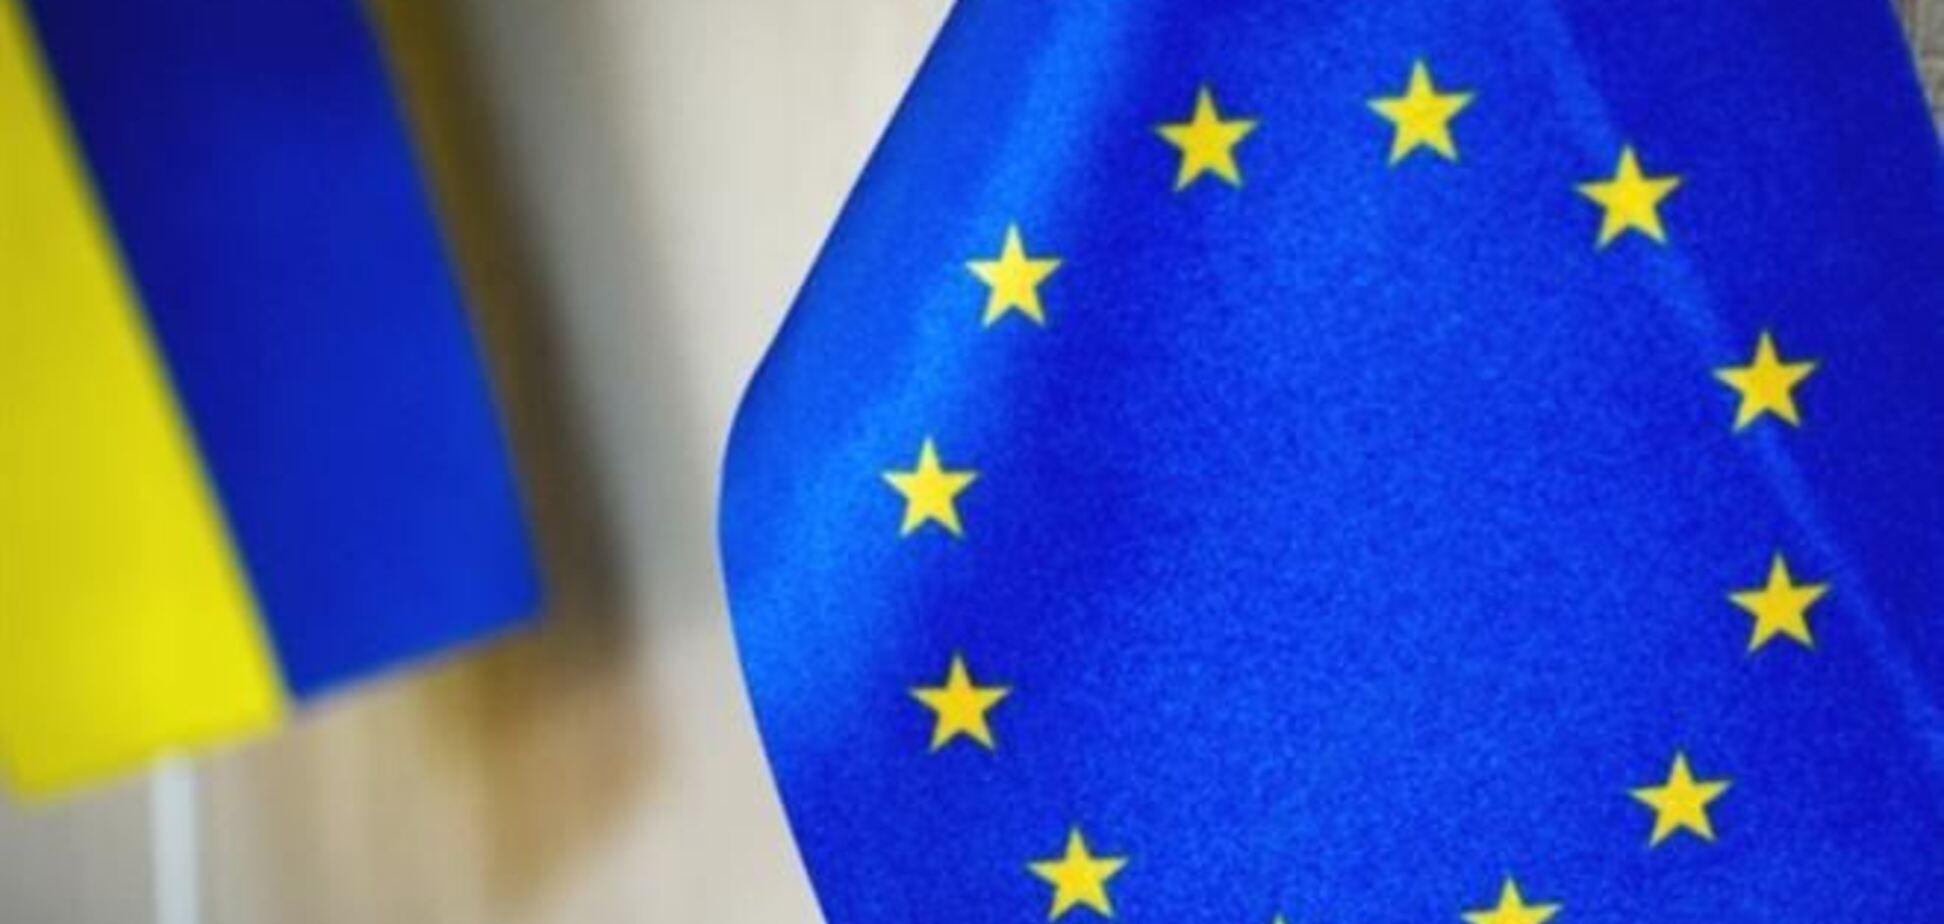 Литва і Швеція хотіли обговорити санкції ЄС щодо України